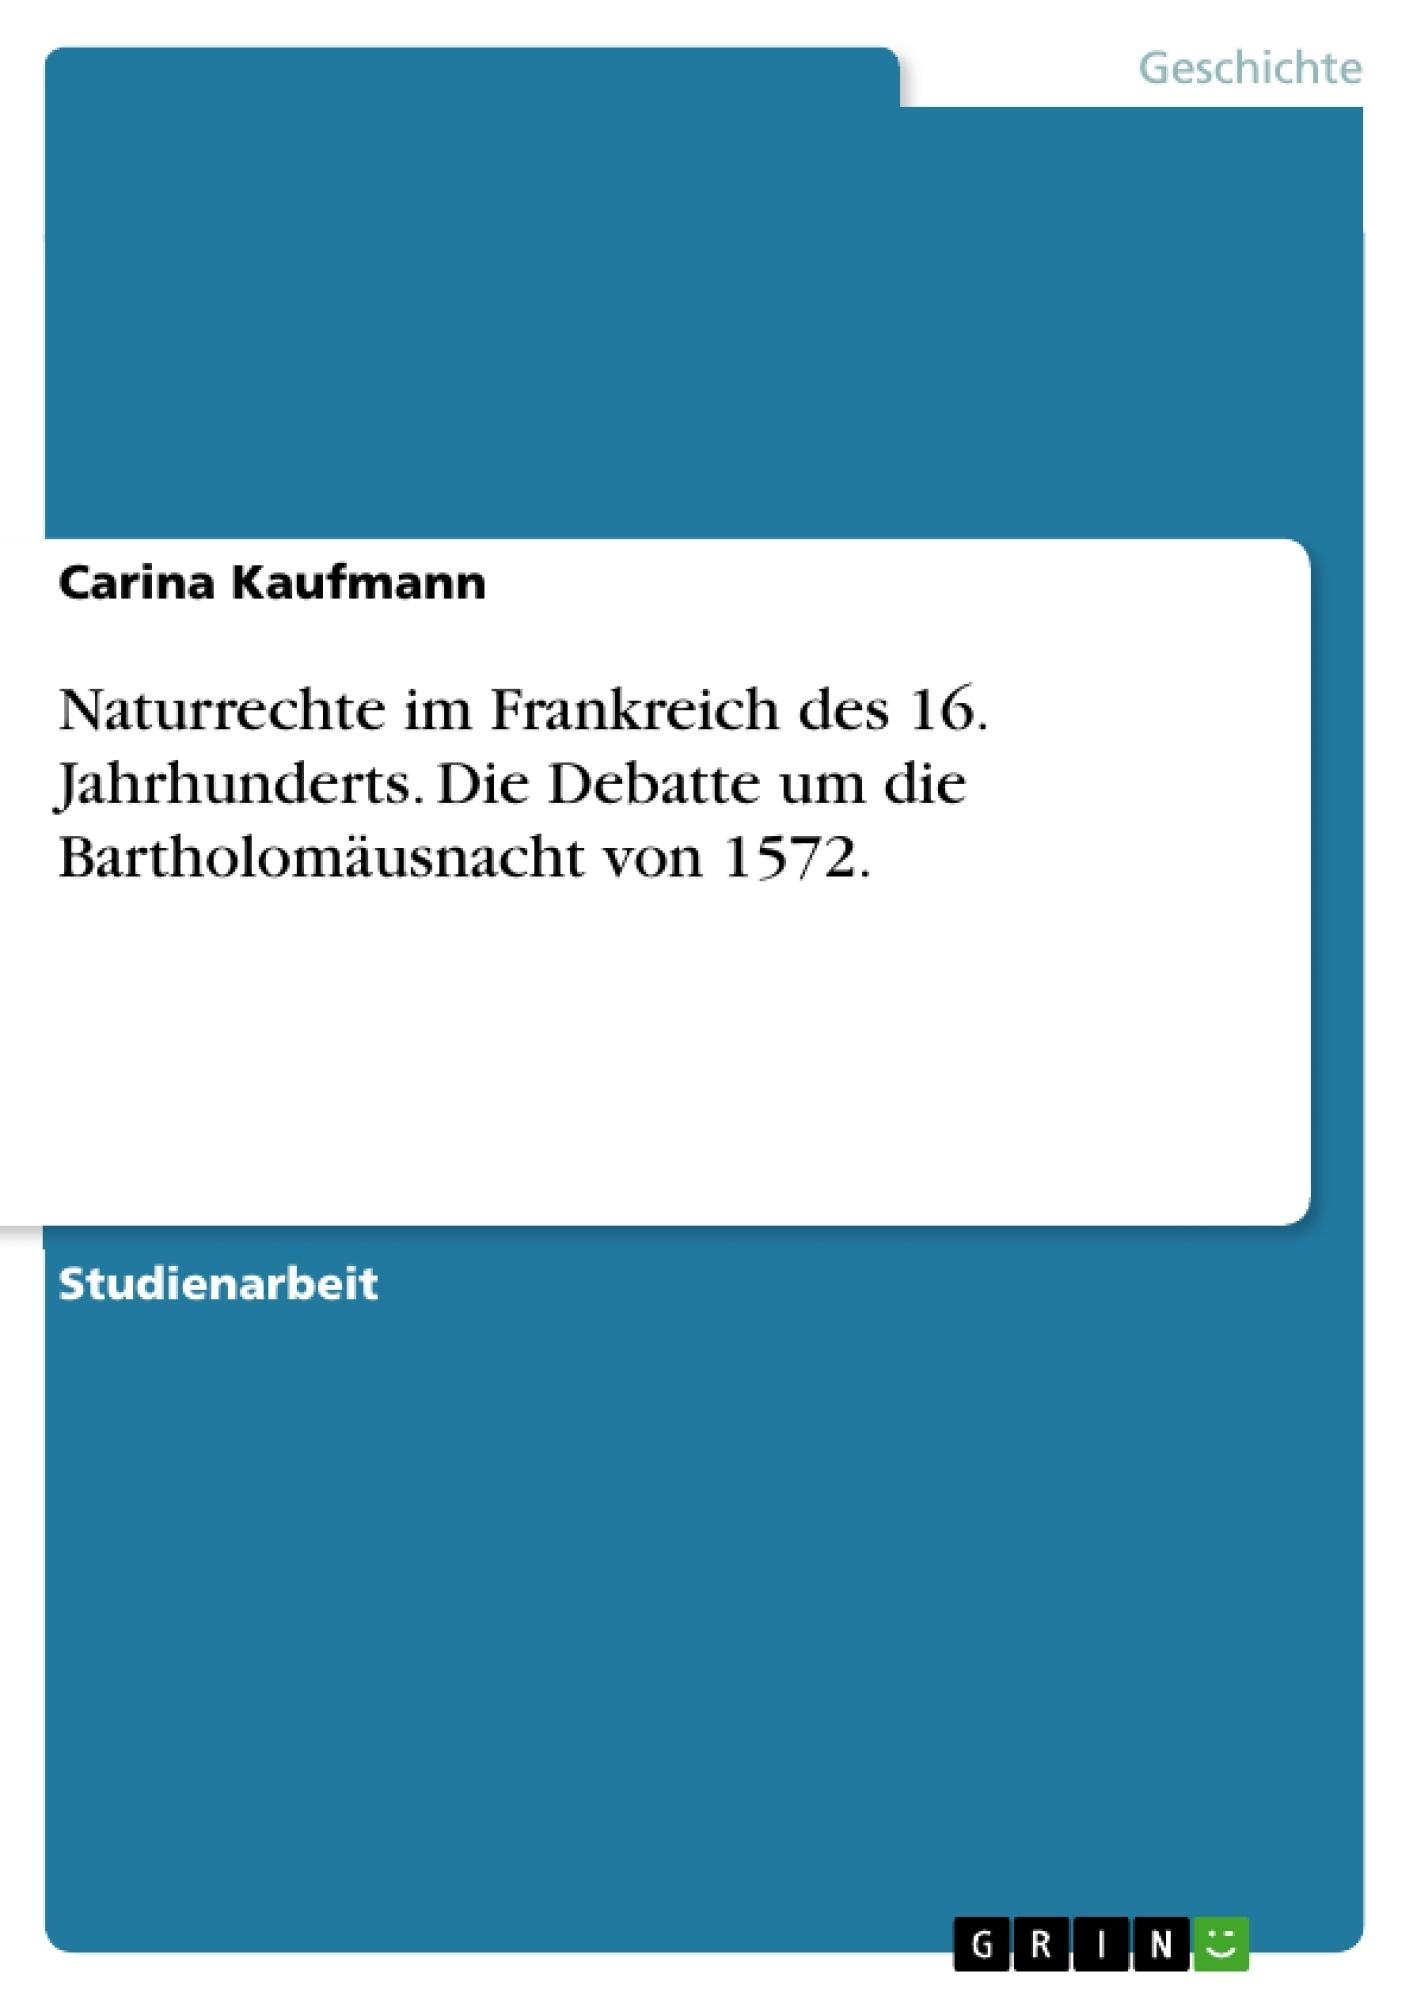 Titel: Naturrechte im Frankreich des 16. Jahrhunderts. Die Debatte um die Bartholomäusnacht von 1572.